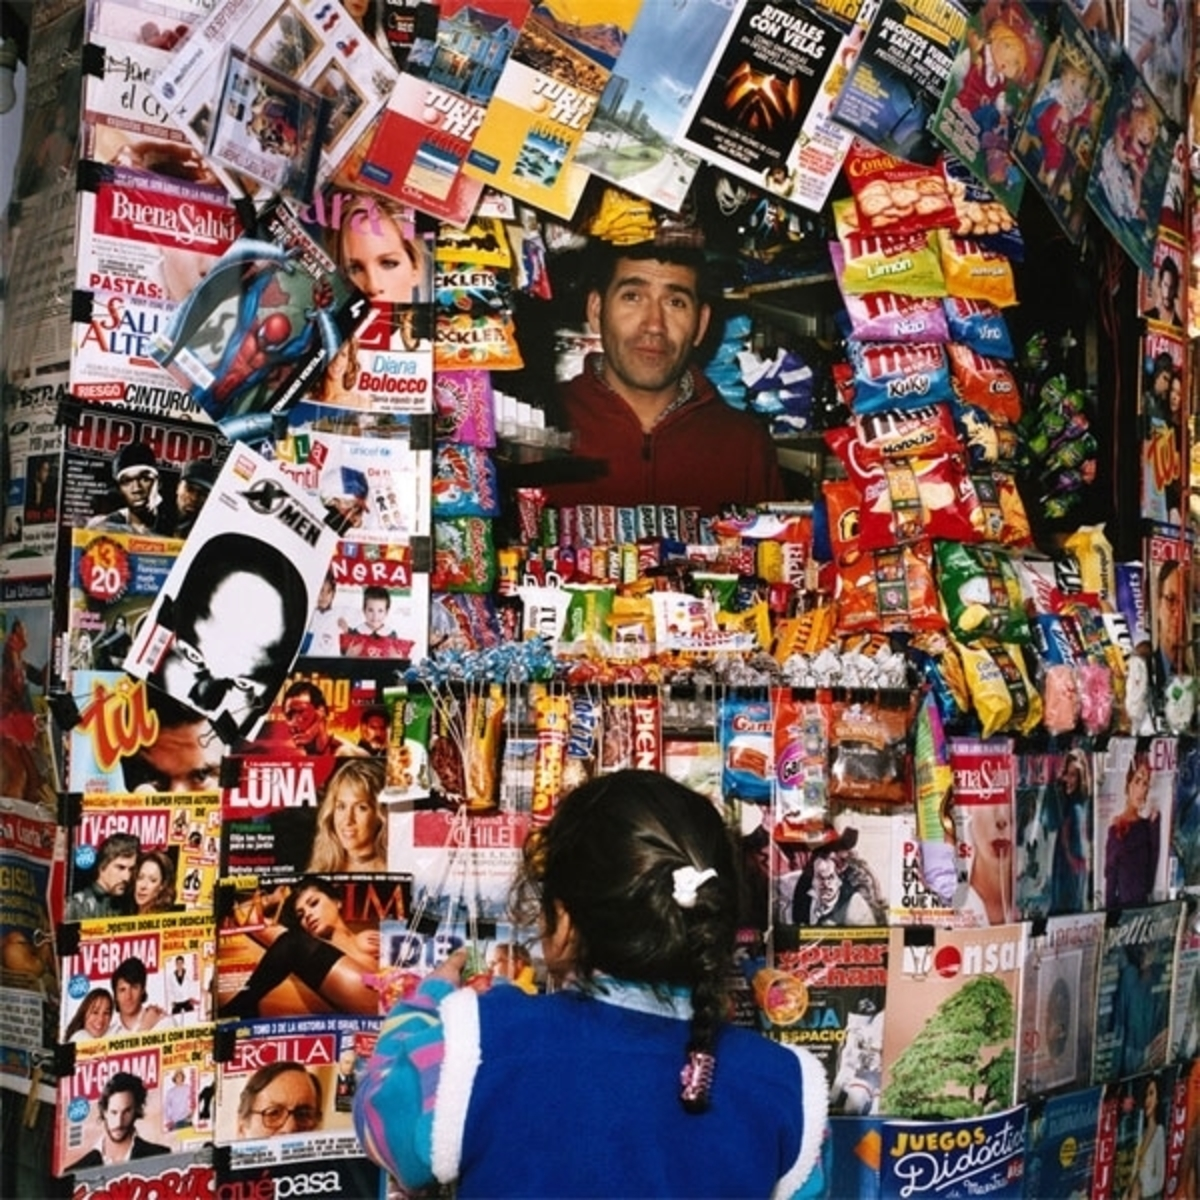 Kiosk, Mercado Central, Santiago, Chile